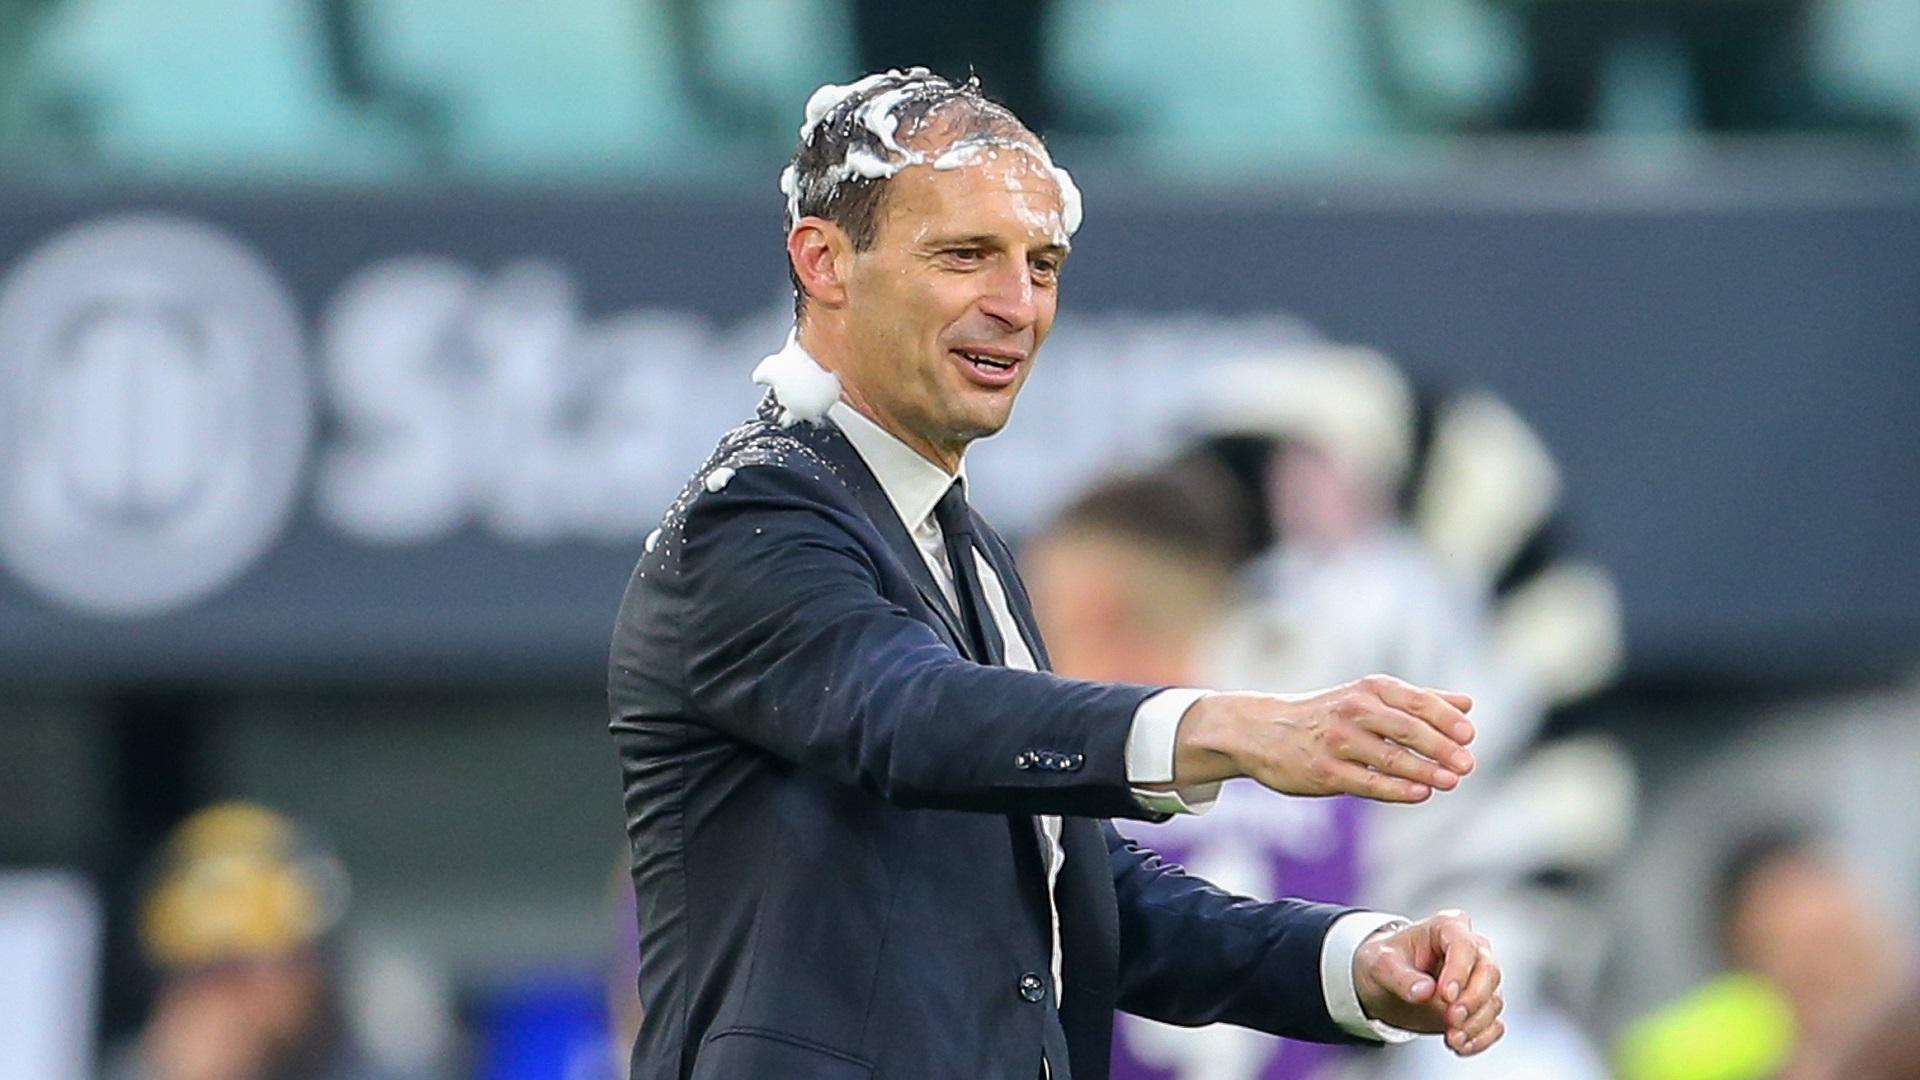 Allegri staying at Juventus and targeting improvement